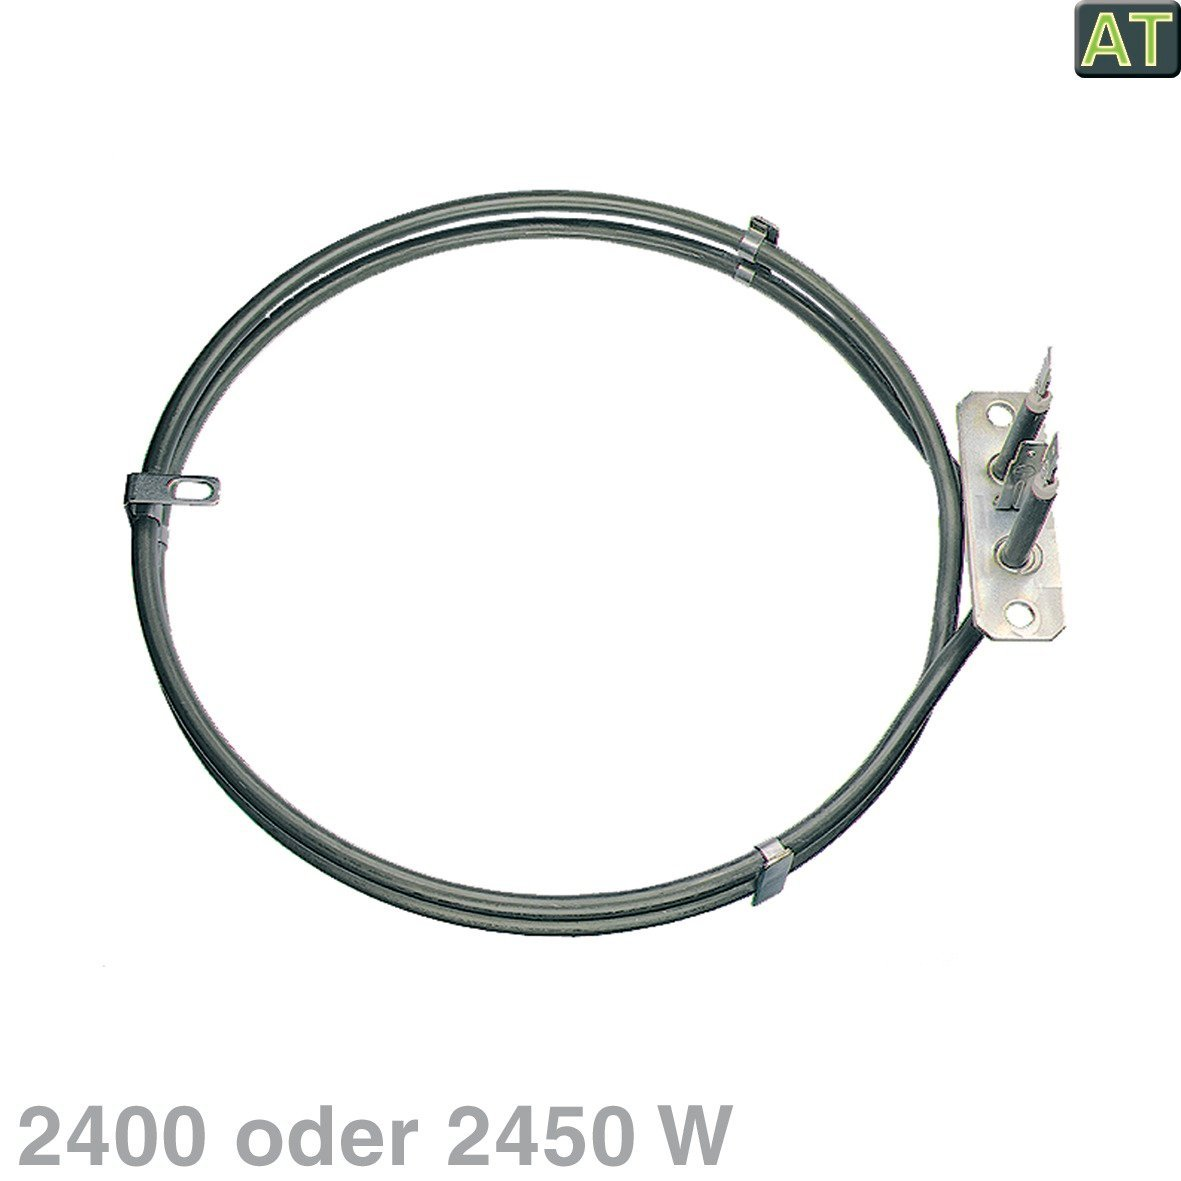 ersetzt Ausfüh Heizelement Heißluft 2400W 230V Backofenheizung für die Heißluft